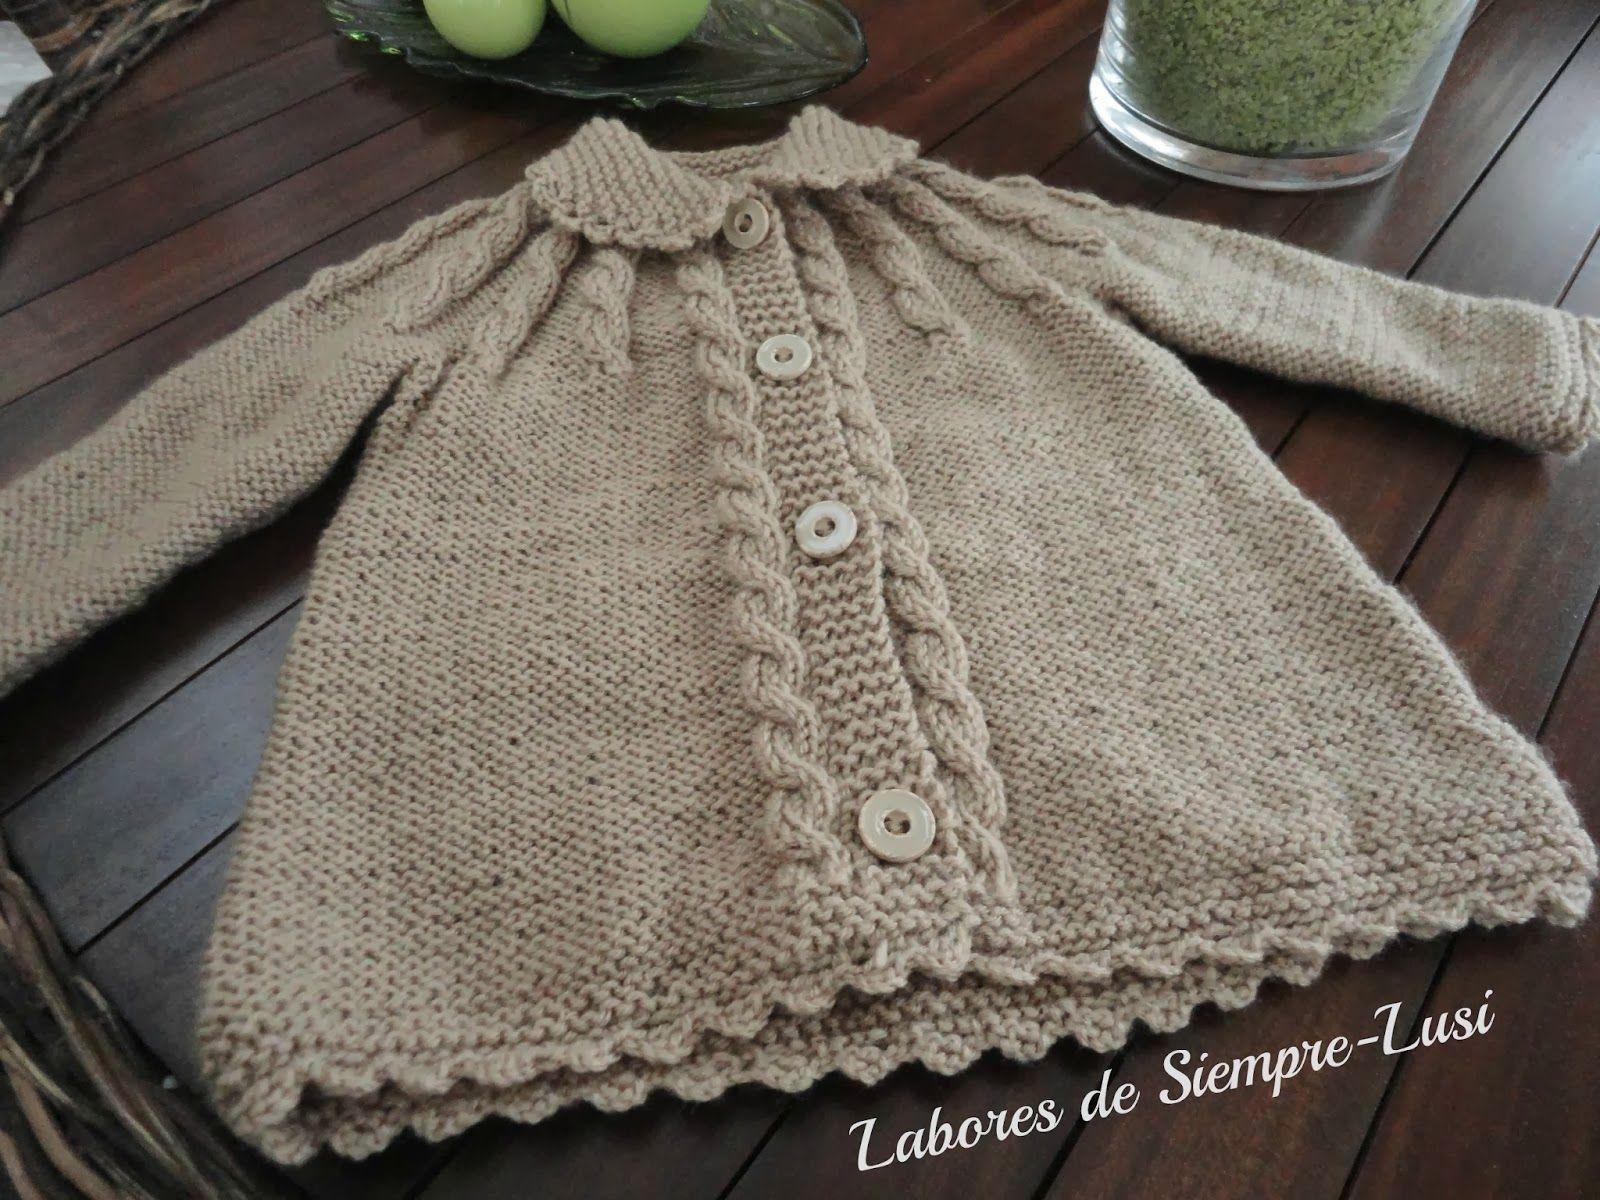 Labores de siempre abrigo de beb con trenzas talla 6 9 - Labores de crochet para bebes ...